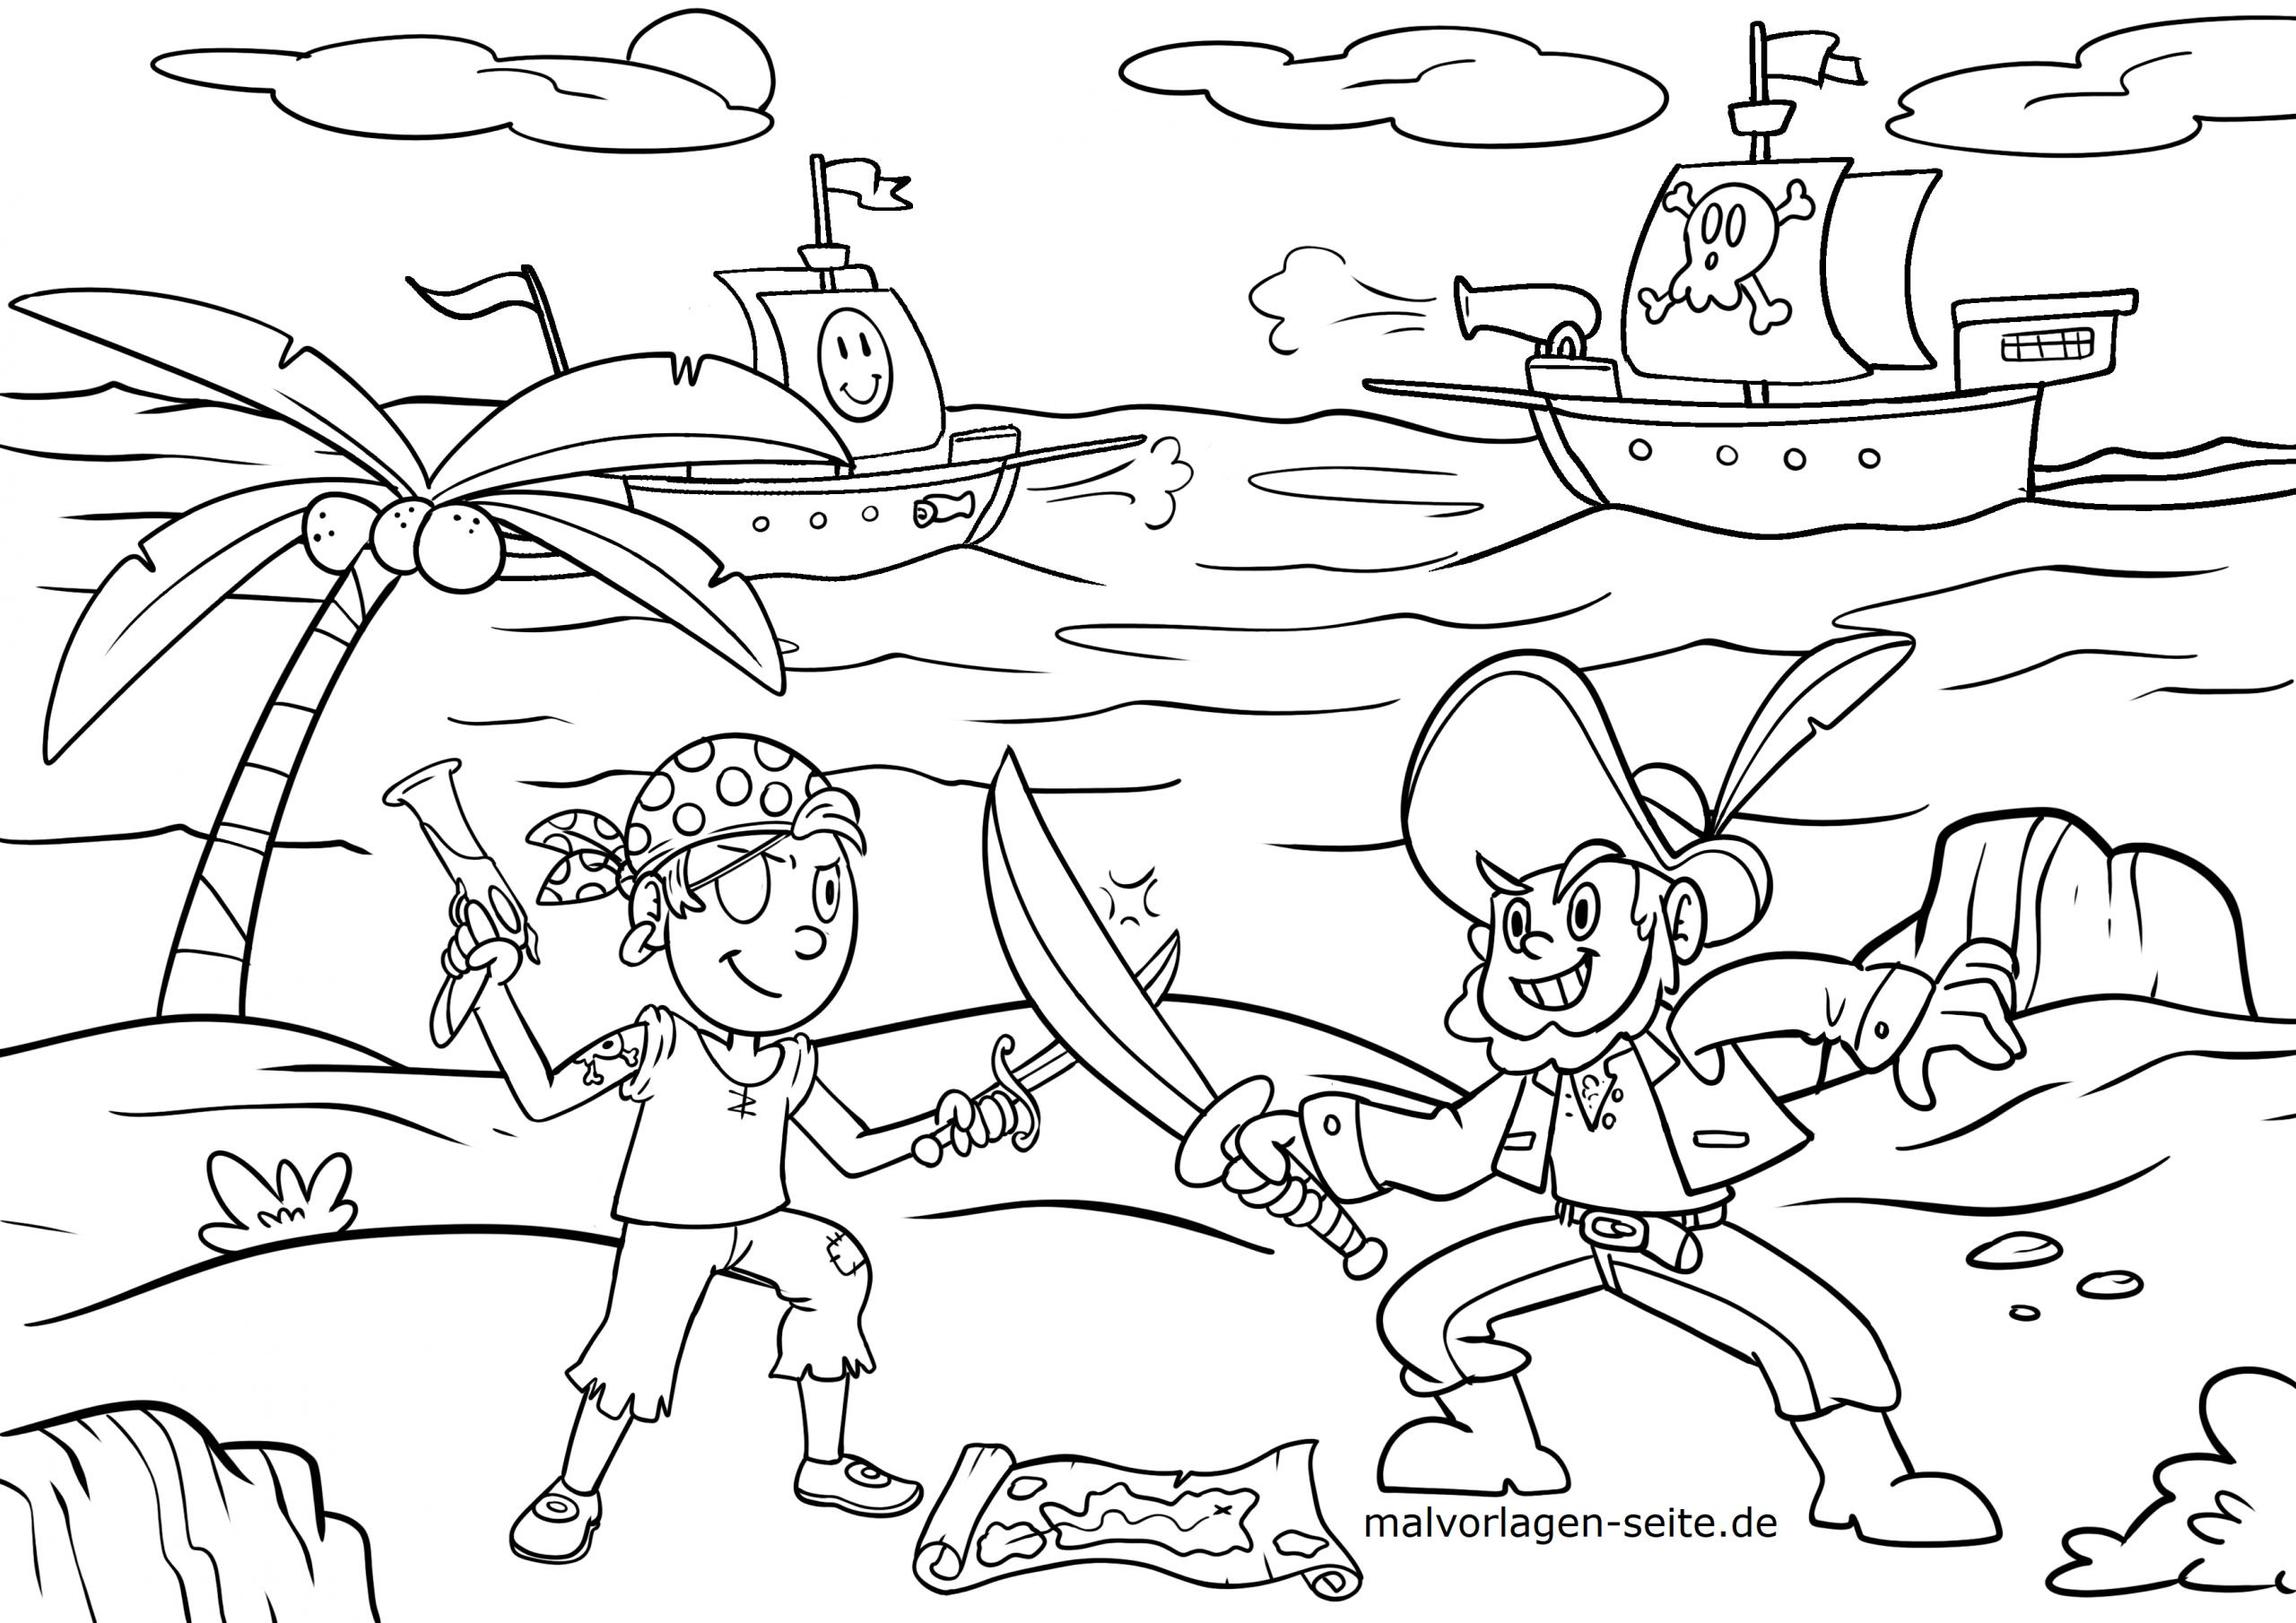 Malvorlage Piraten / Pirat - Ausmalbilder Kostenlos bei Ausmalbilder Piraten